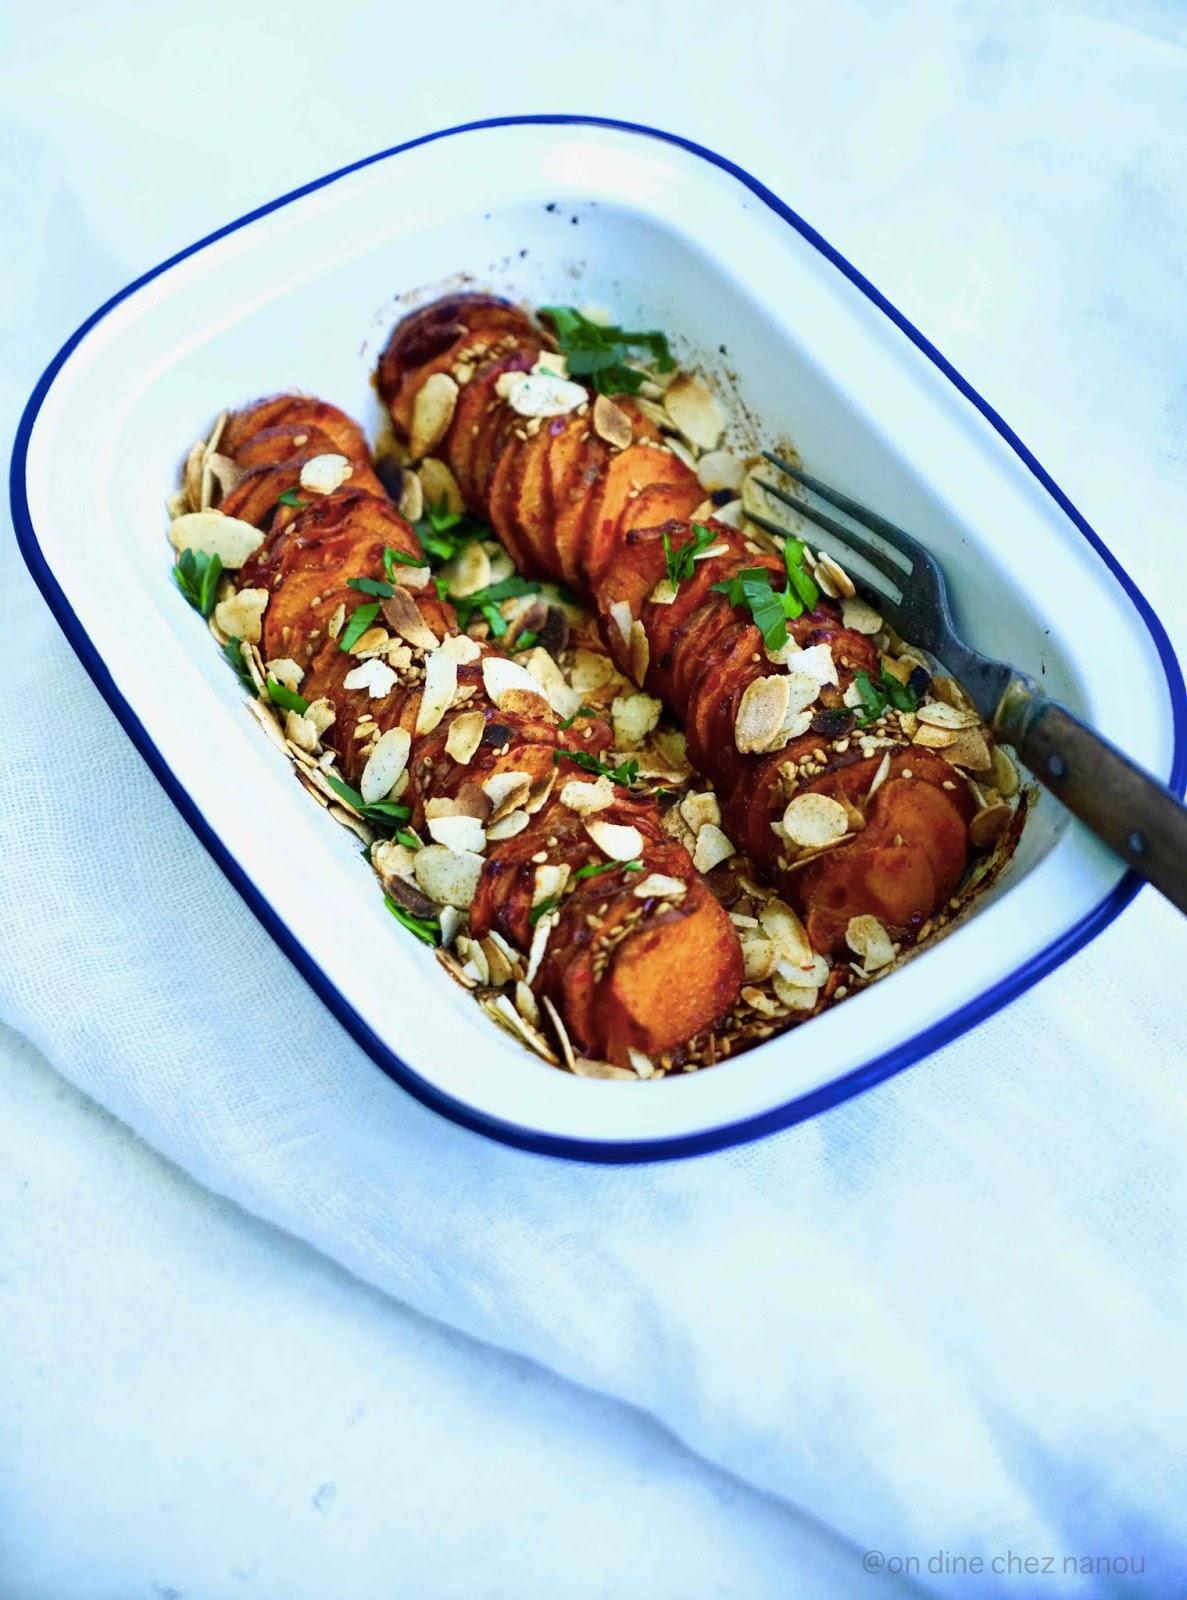 patate douce , sirop d'érable , sucré/salé , dukkah , épices , harissa